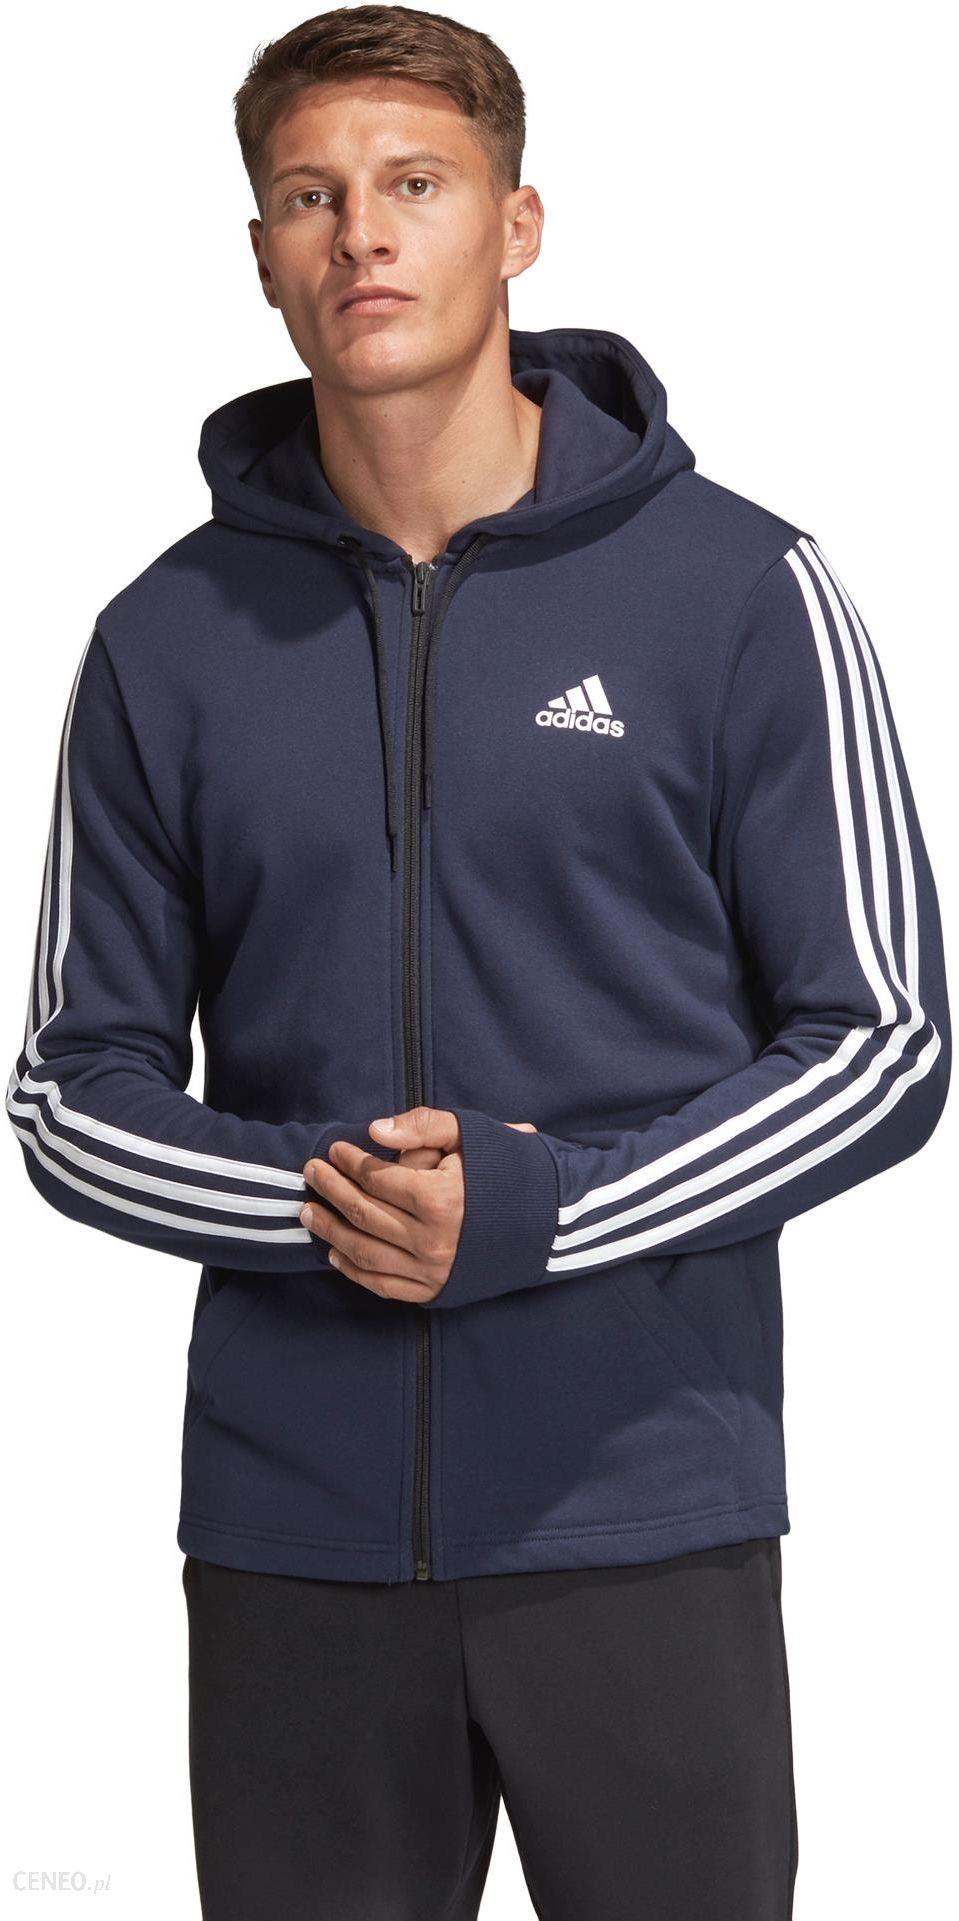 Adidas Performance Must Haves 3 Stripes Bluza Niebieski L Ceny i opinie Ceneo.pl